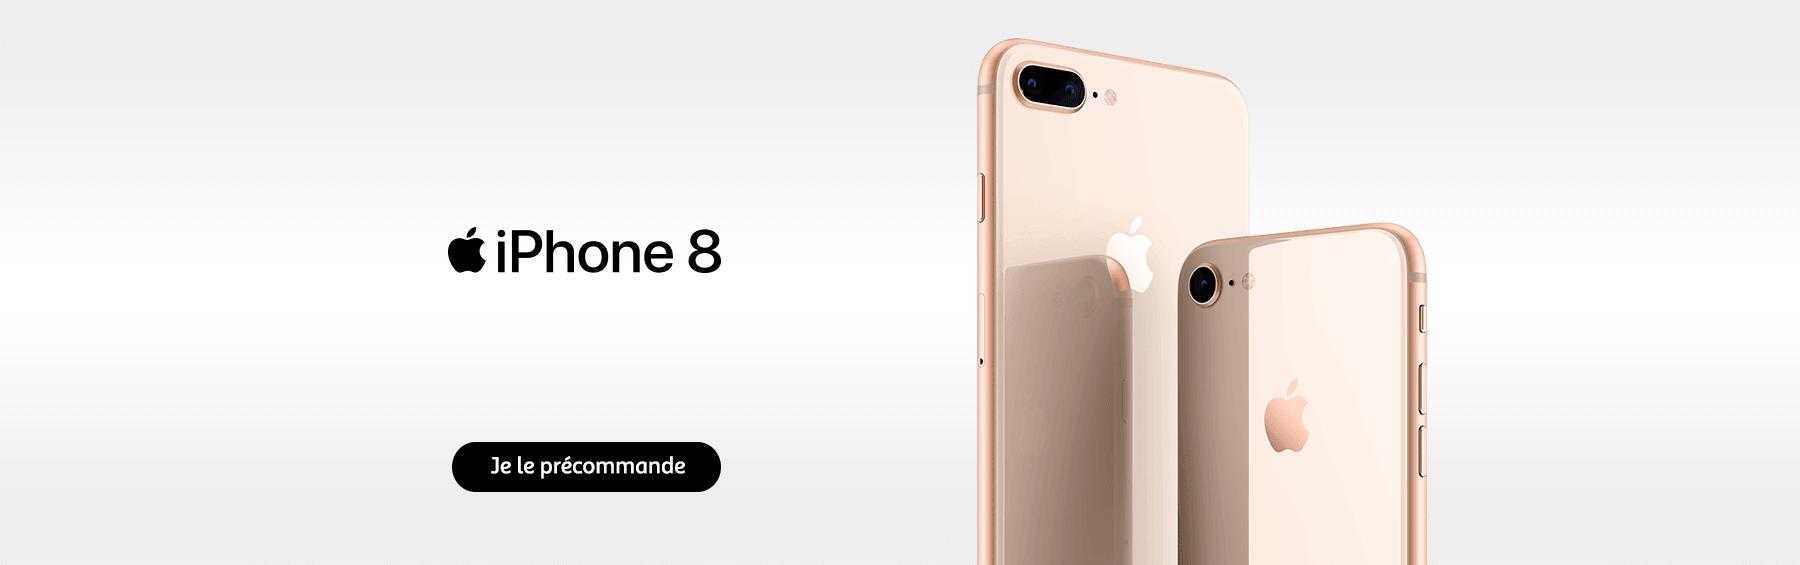 iPhone8 en précommande